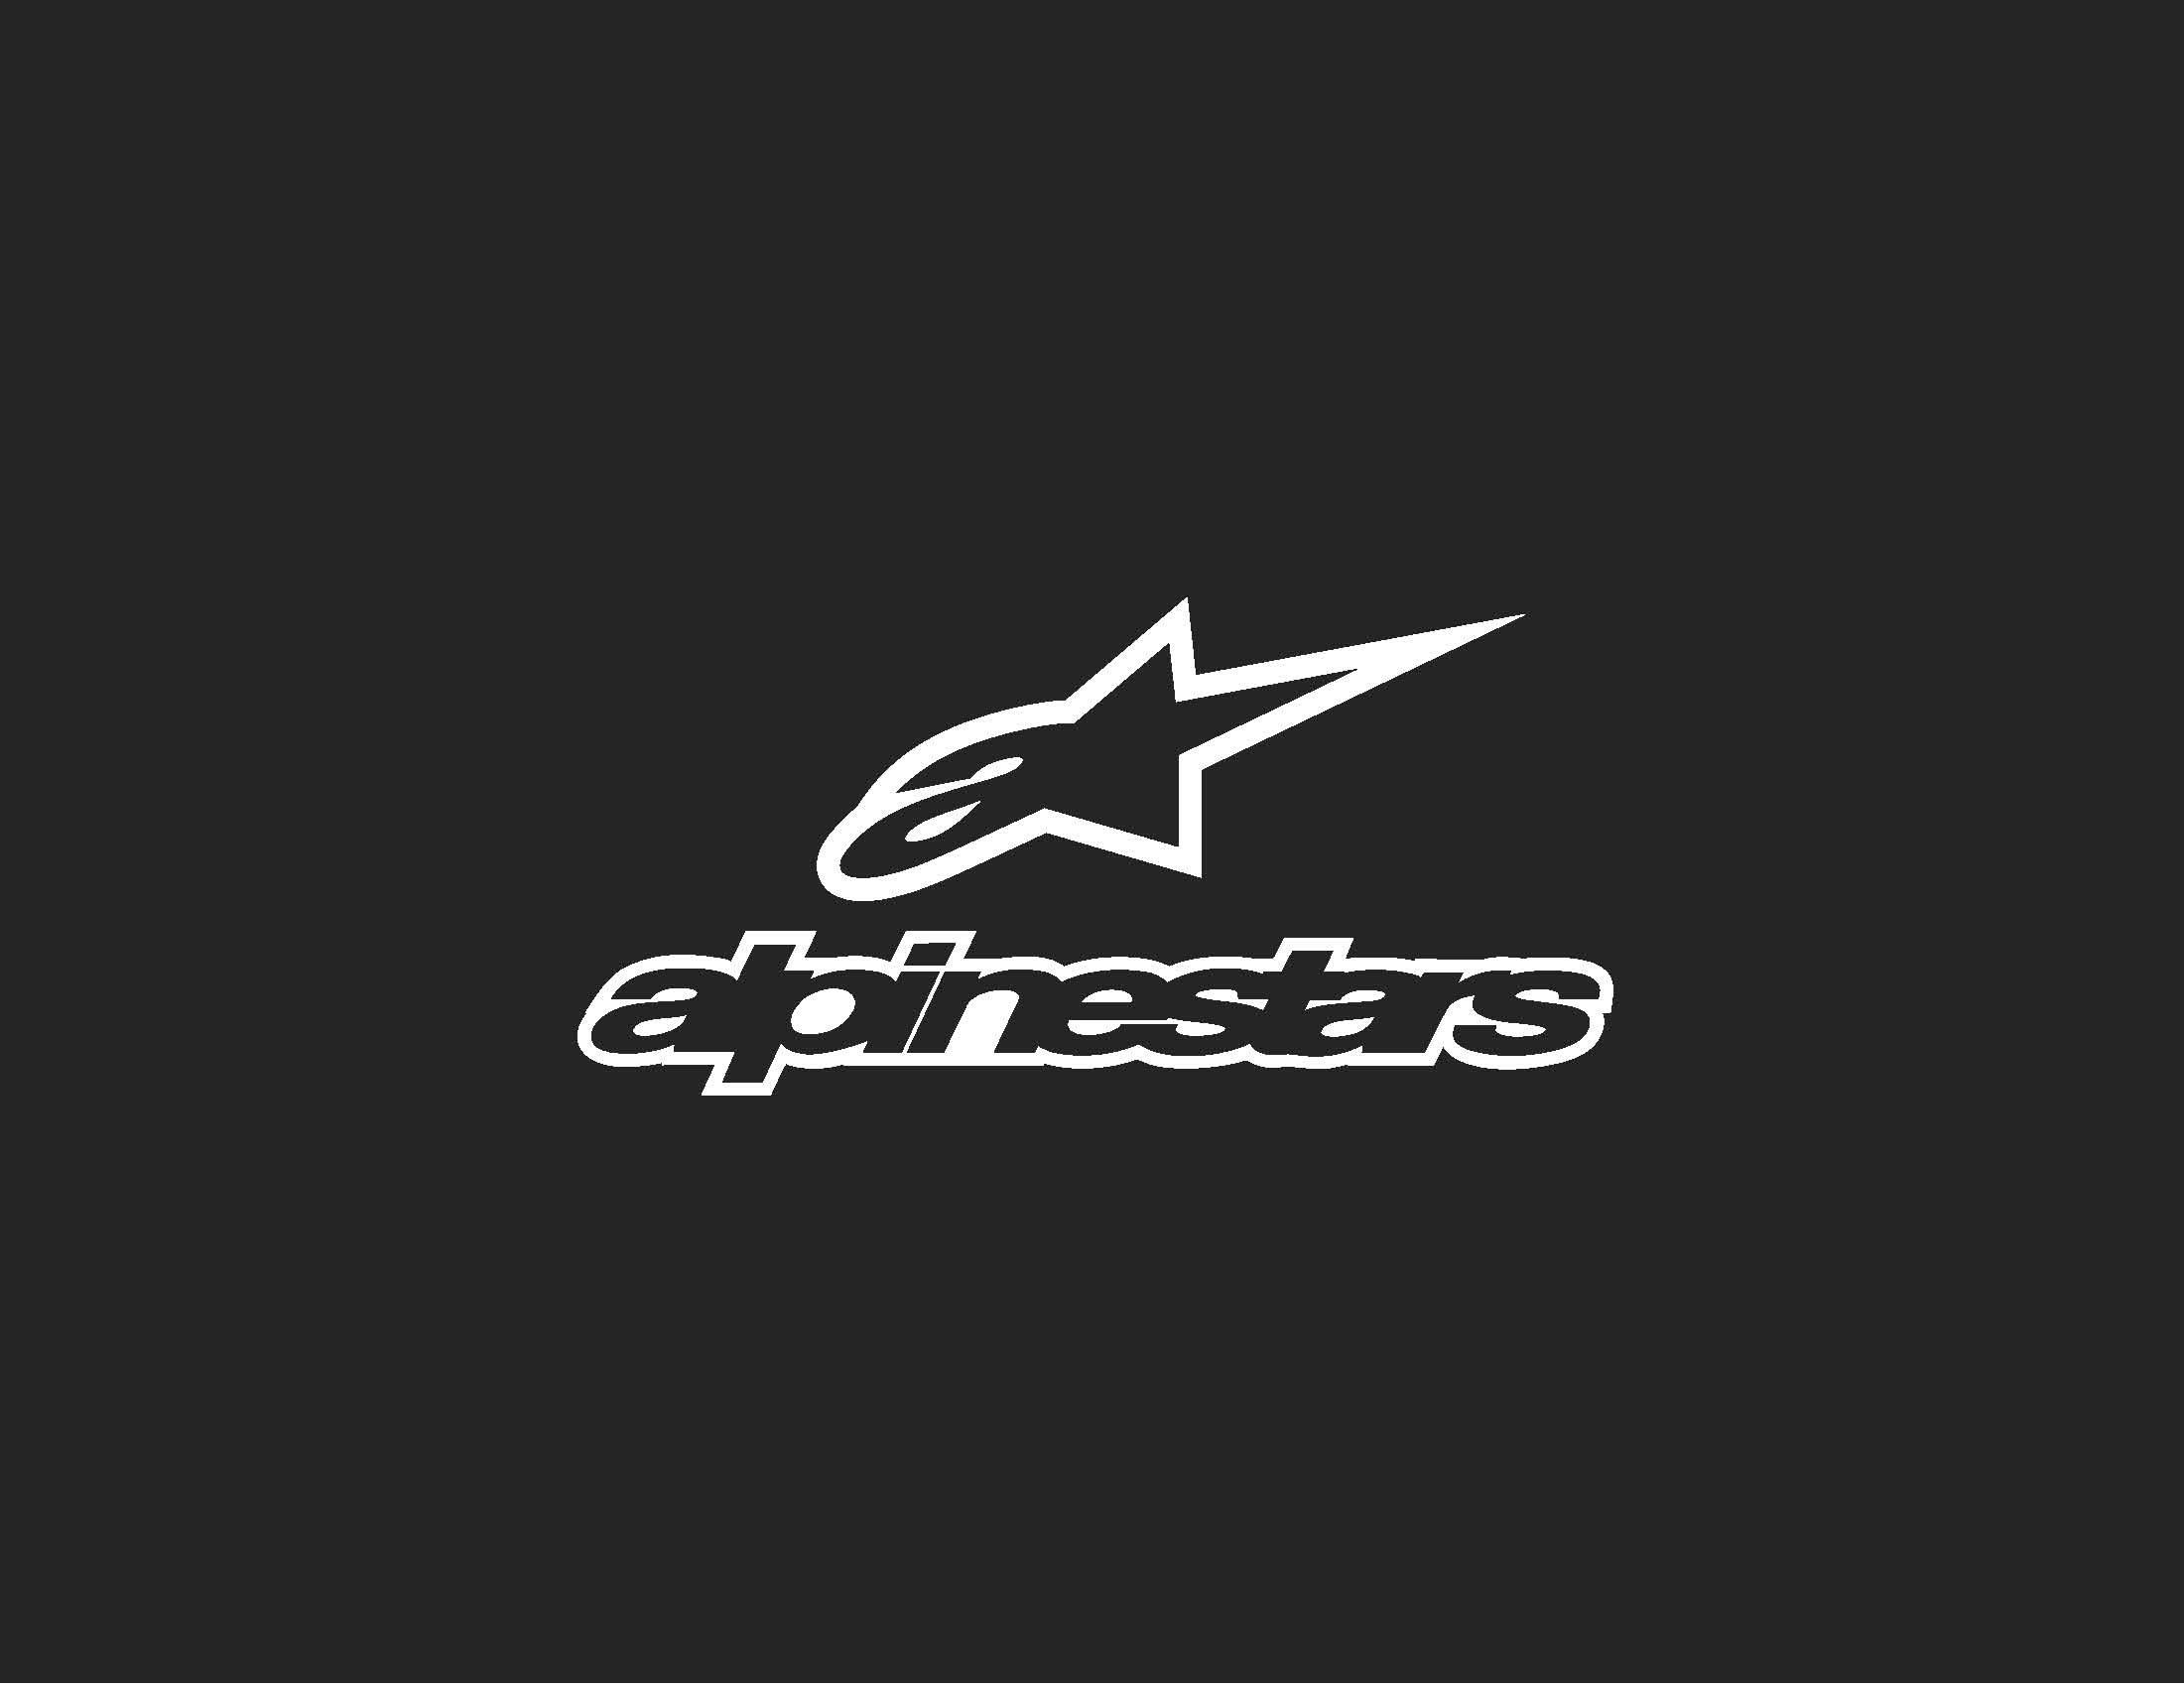 Alpinestar Logo Wallpaper Alpinestars cycling 2201x1701